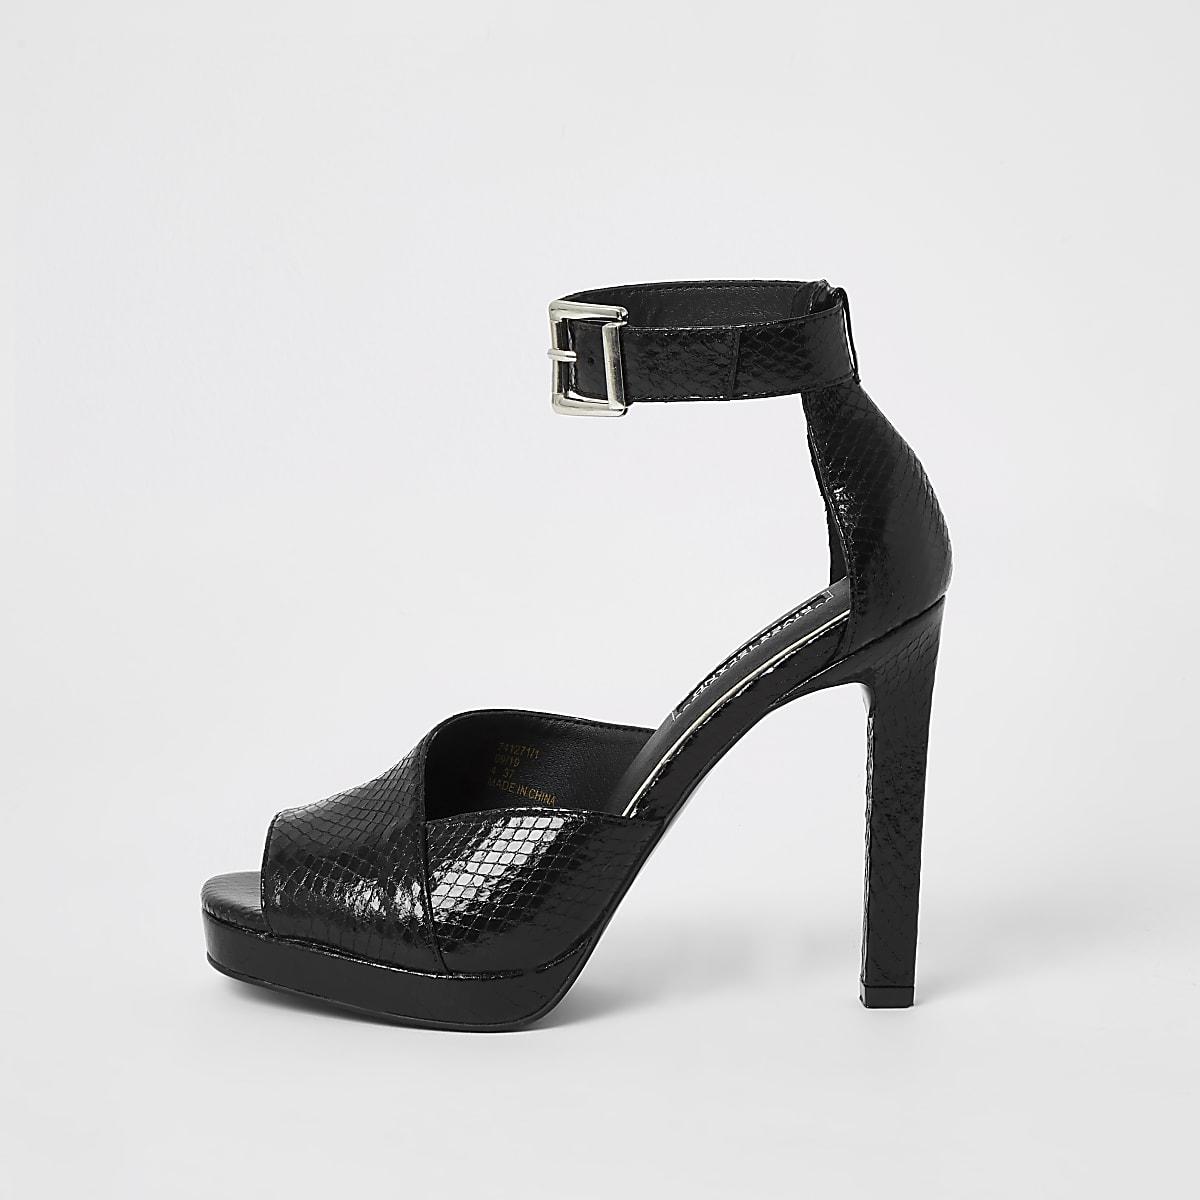 Black croc embossed platform sandals